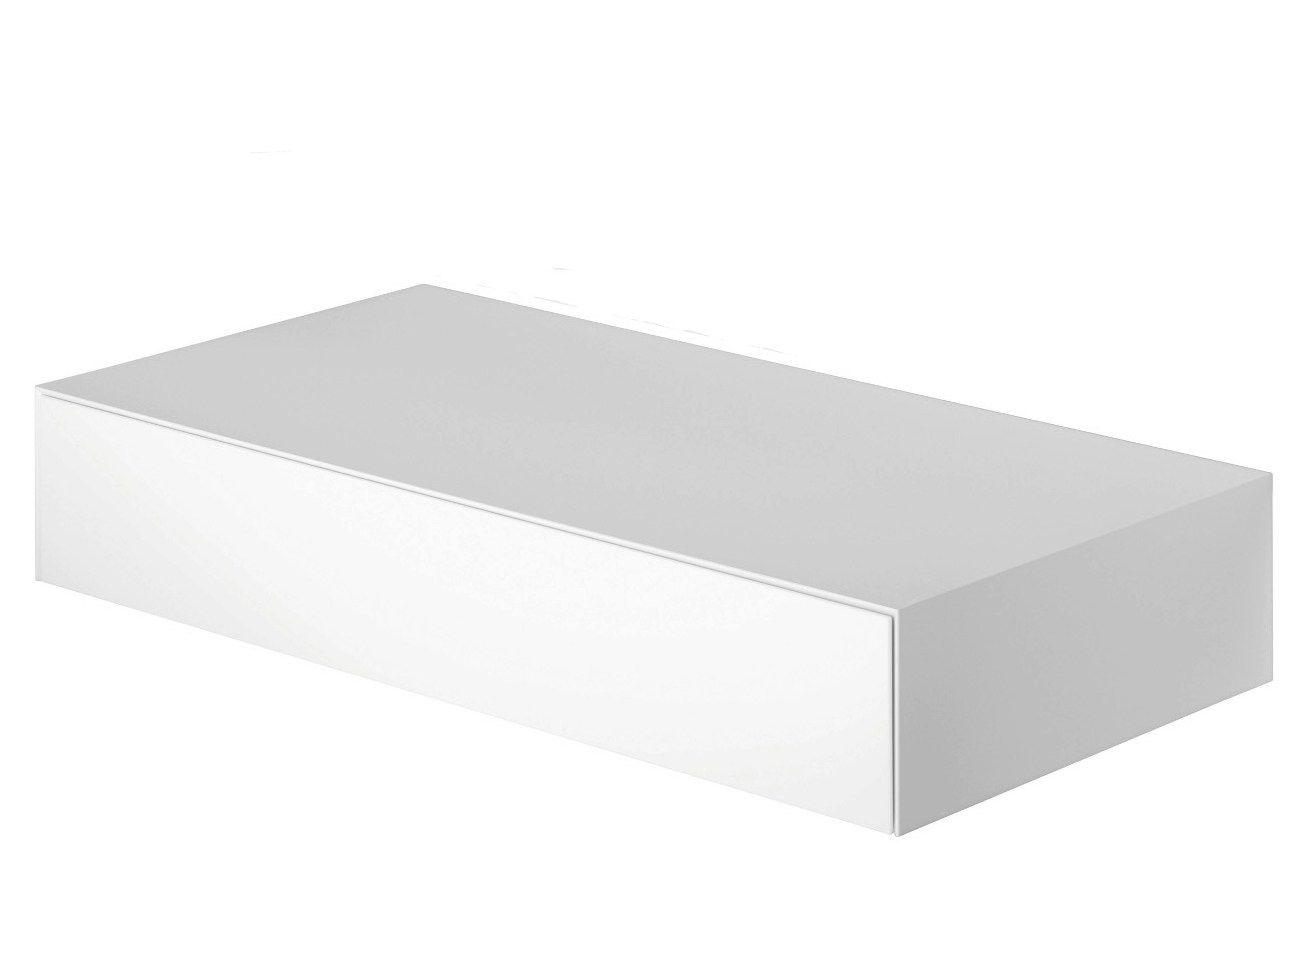 meuble pour salle de bain suspendu avec rangement avec tiroirs fu10007a mw meuble pour - Meuble Tiroirs Rangement Salle De Bain